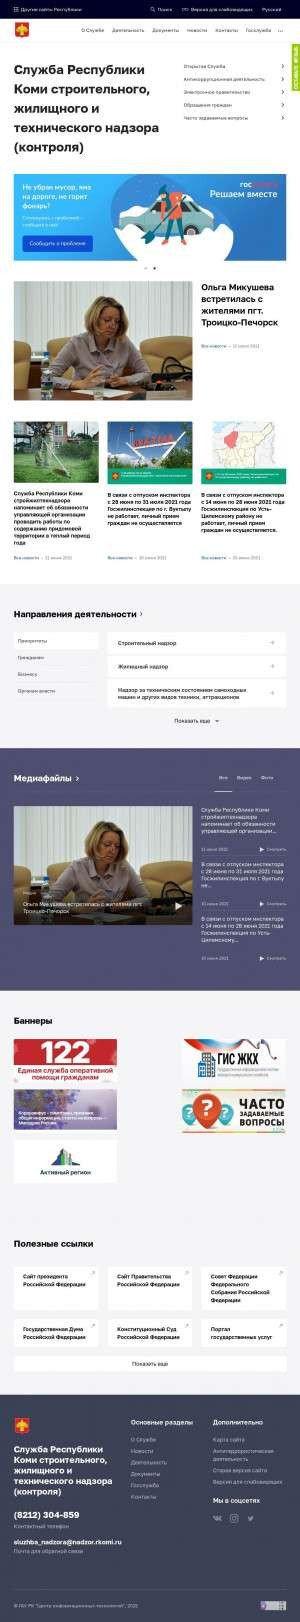 Предпросмотр для nadzor.rkomi.ru — Инспекция Госстройнадзора по г. Сыктывкару, Корткеросскому и Усть-Куломскому районам